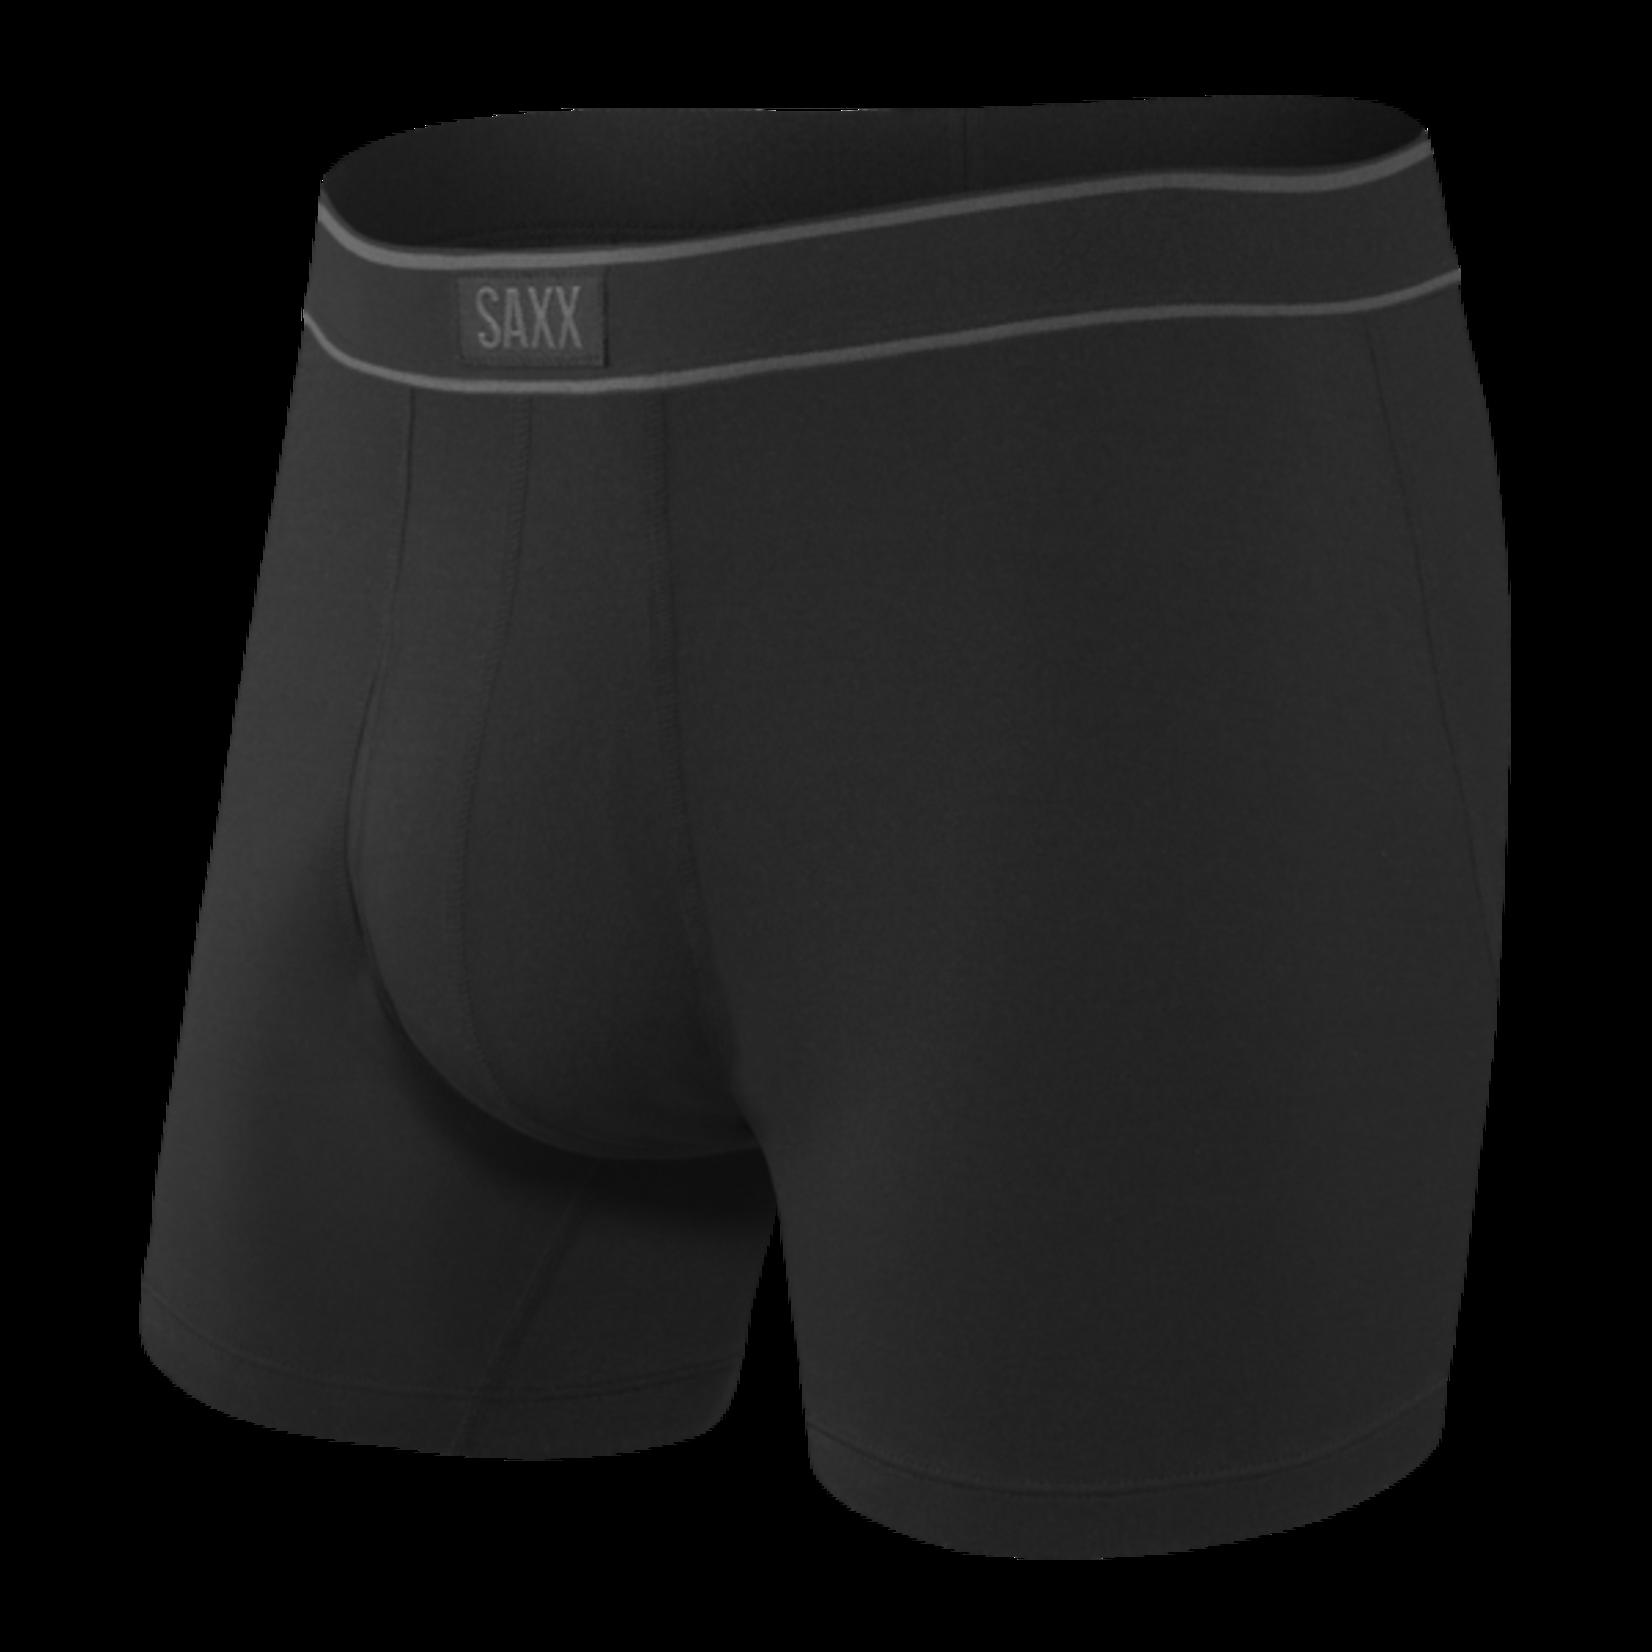 Saxx Saxx Underwear, Daytripper BB Fly, Mens, BLK-Blk